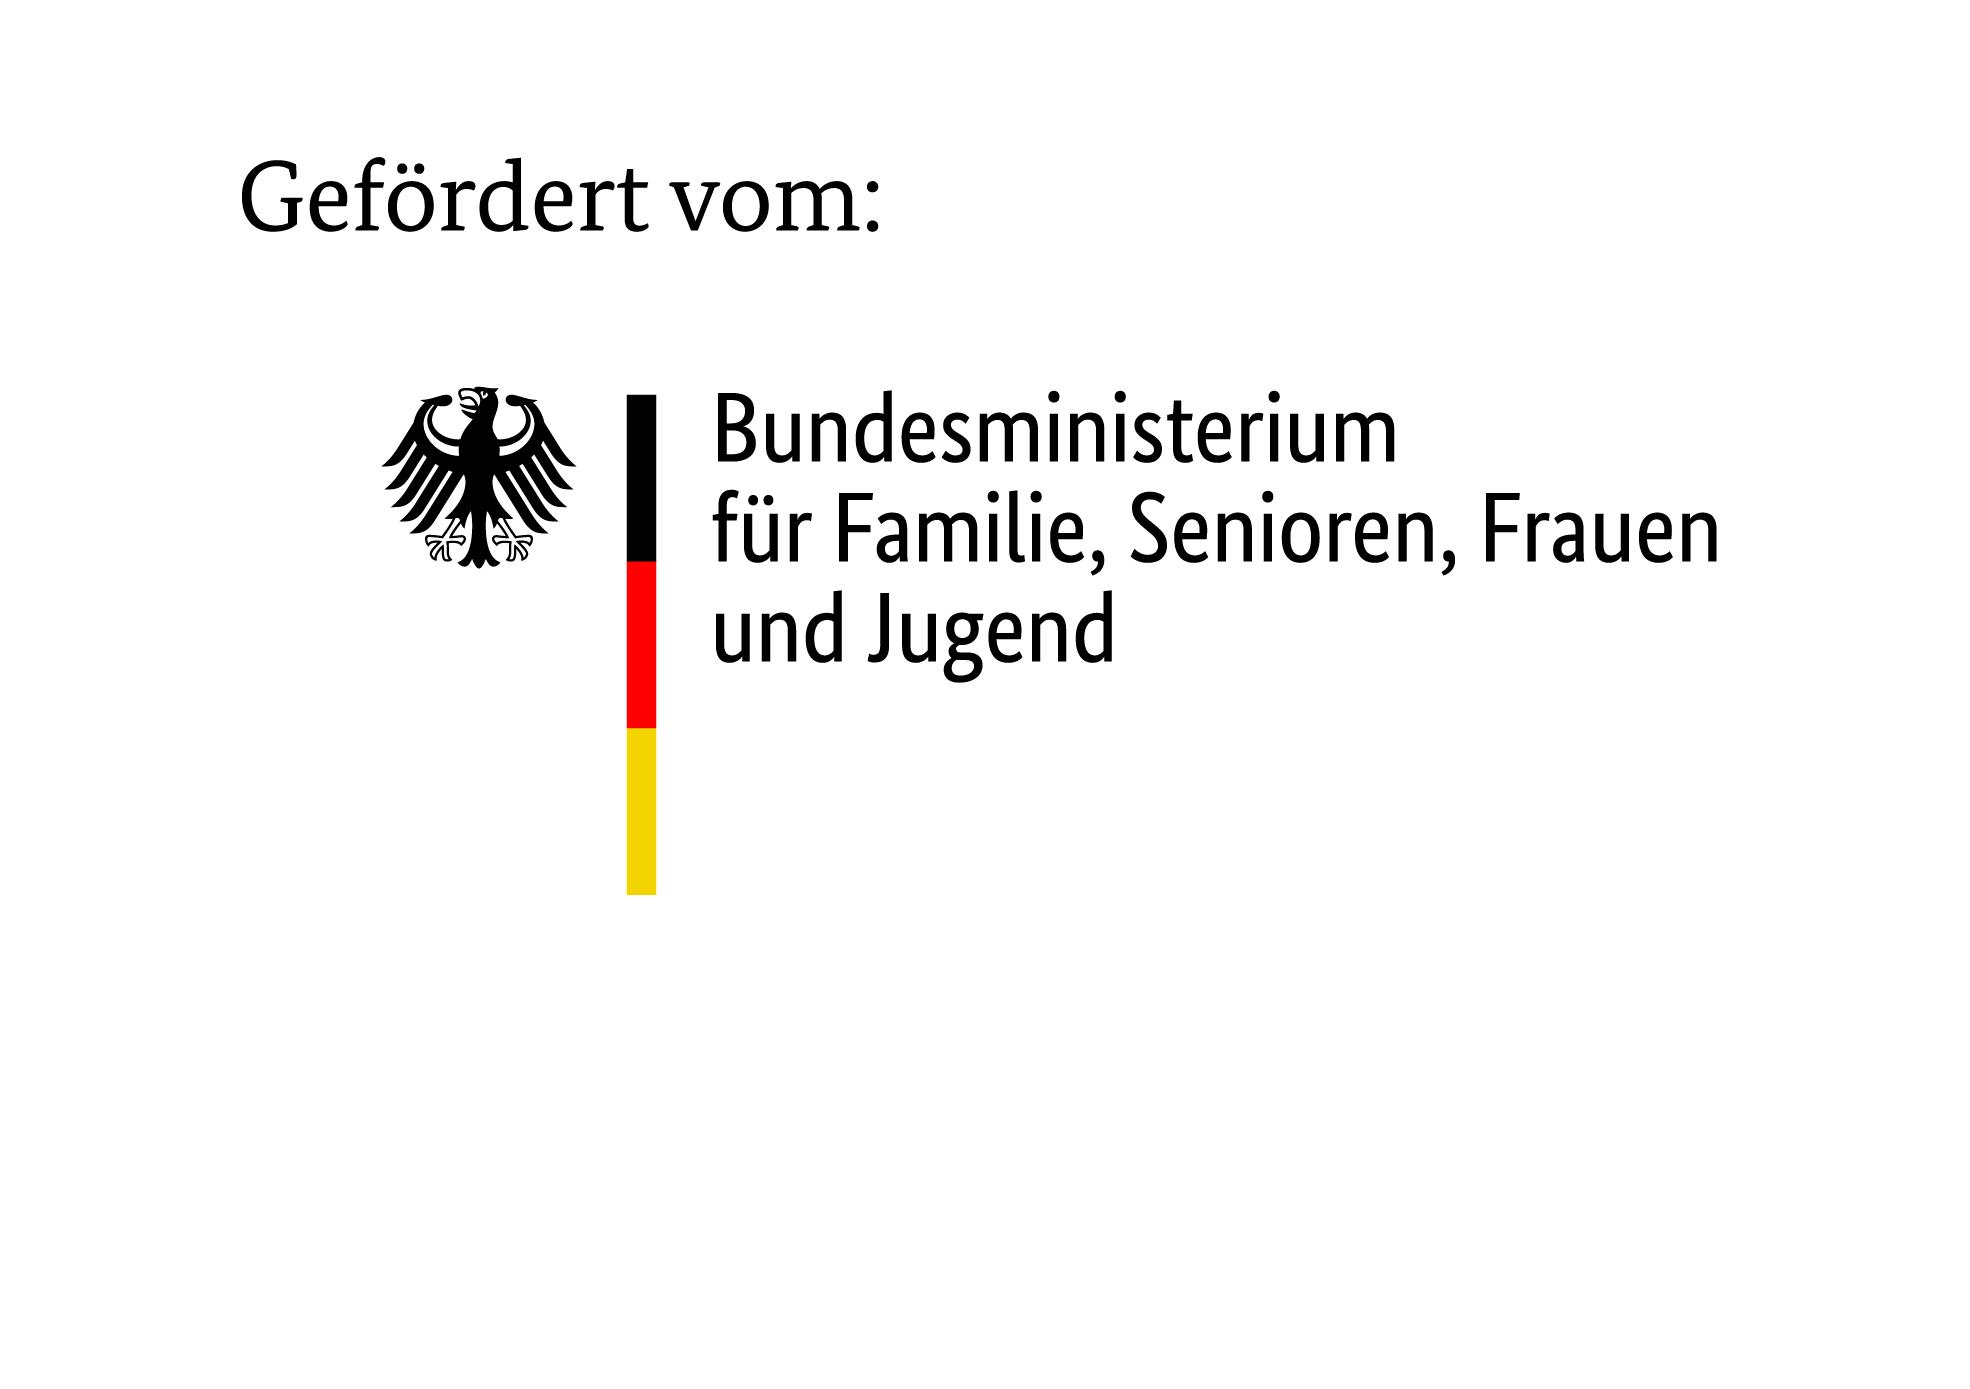 Gefördert com BMFSFJ - Bundesministerium für Familie, Senioren, Frauen und Jugend